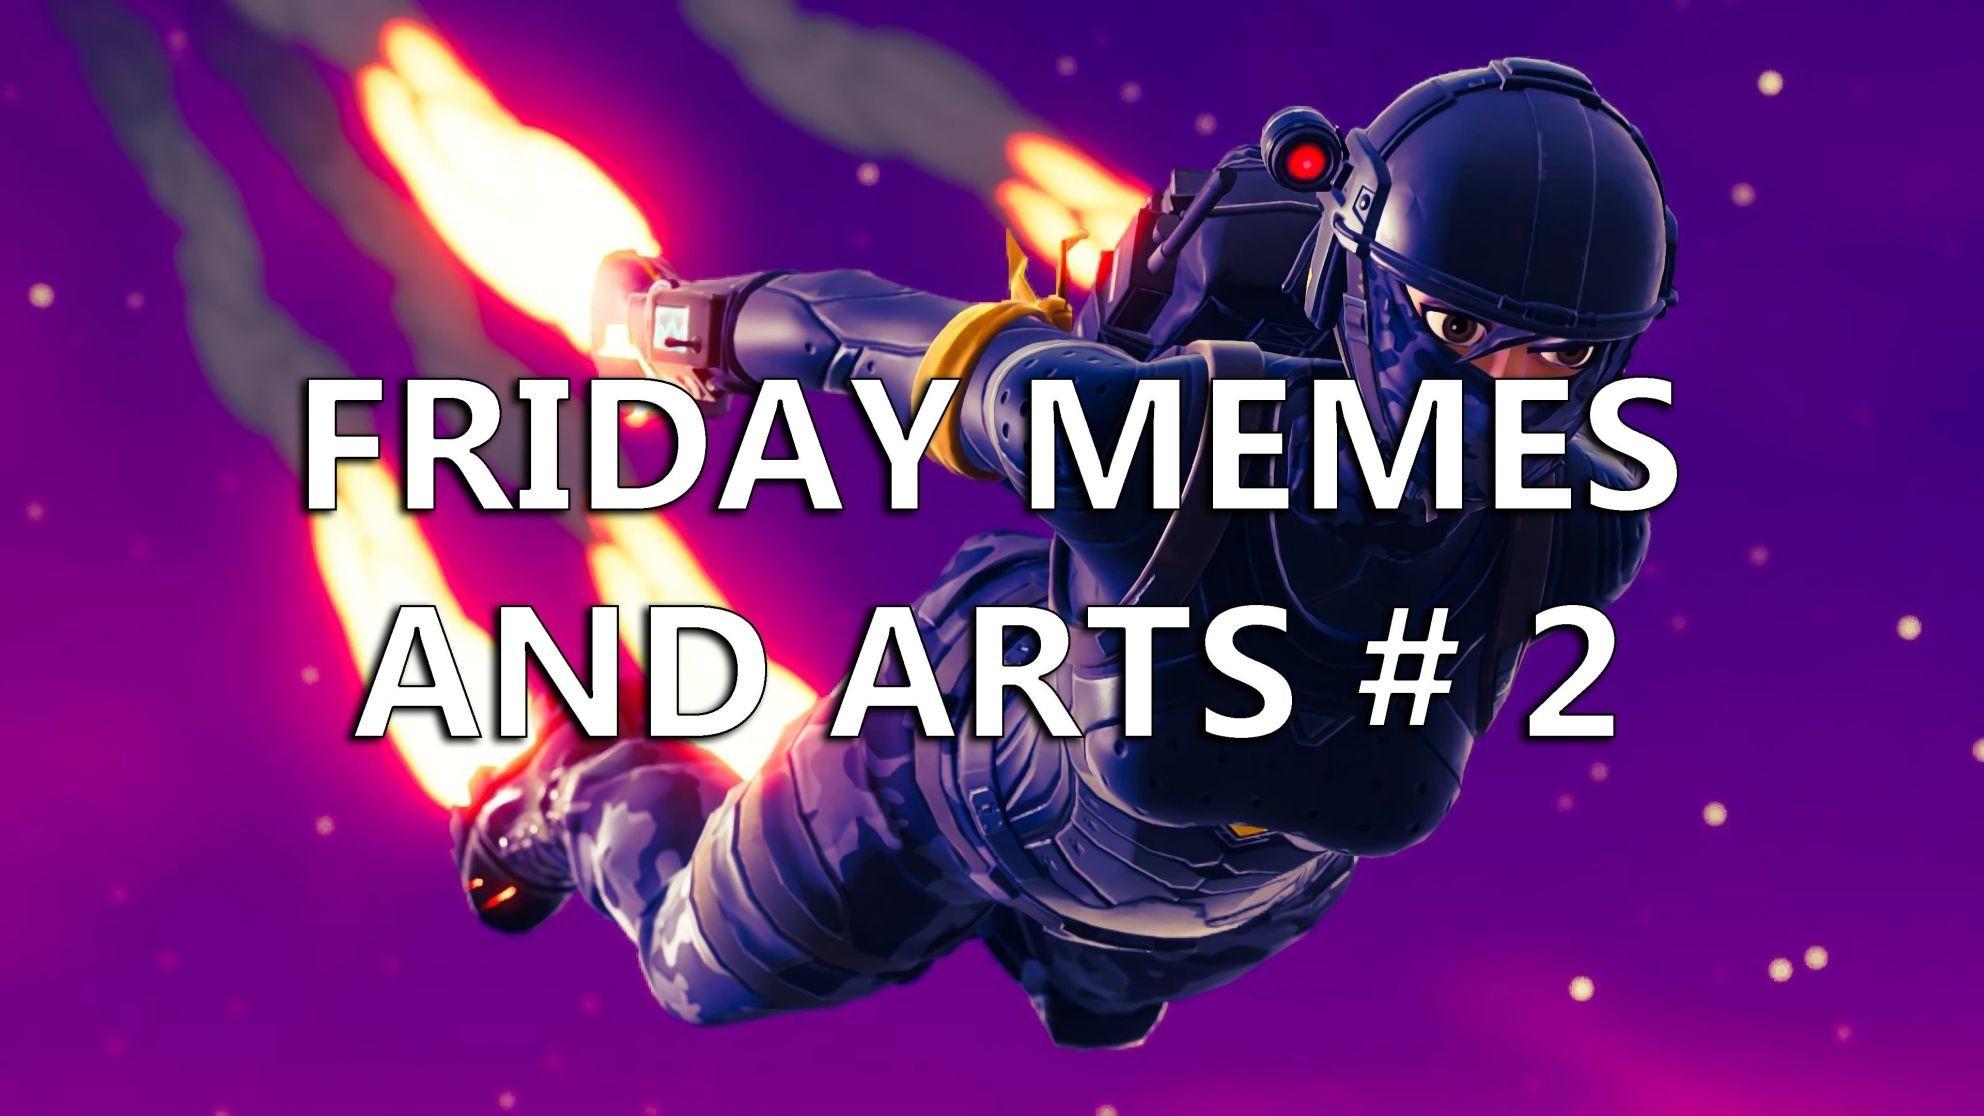 Friday memes & arts #2